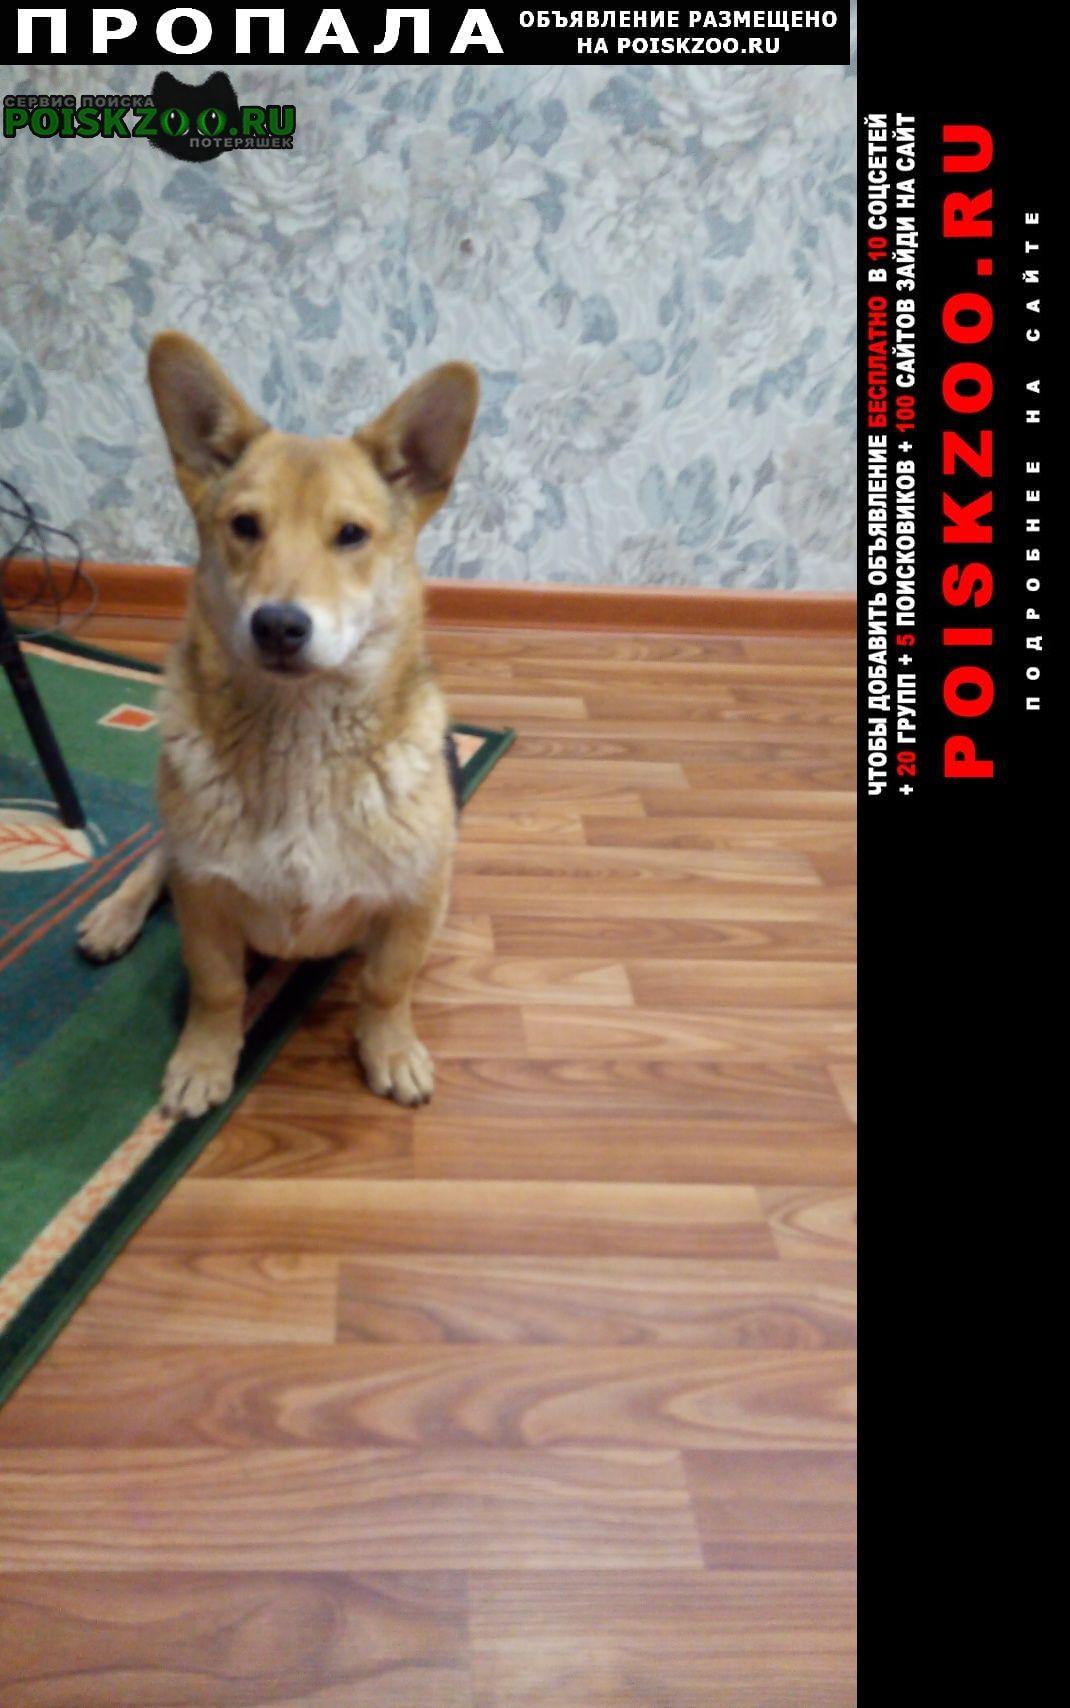 Липецк Пропала собака кобель срочно помогите